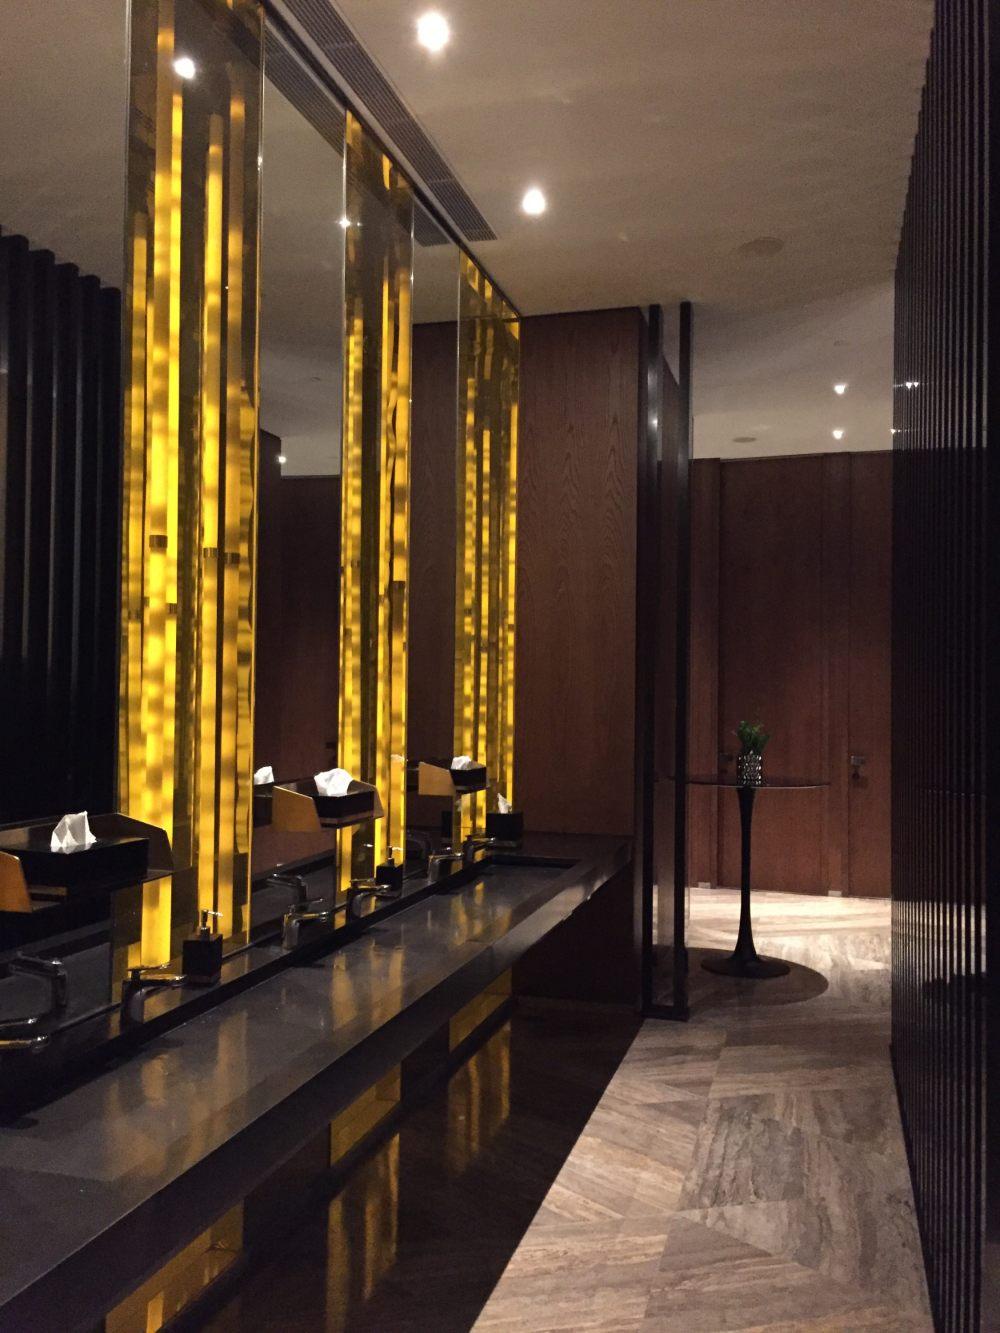 上海外滩W酒店,史上最全入住体验 自拍分享,申请置...._IMG_5972.JPG